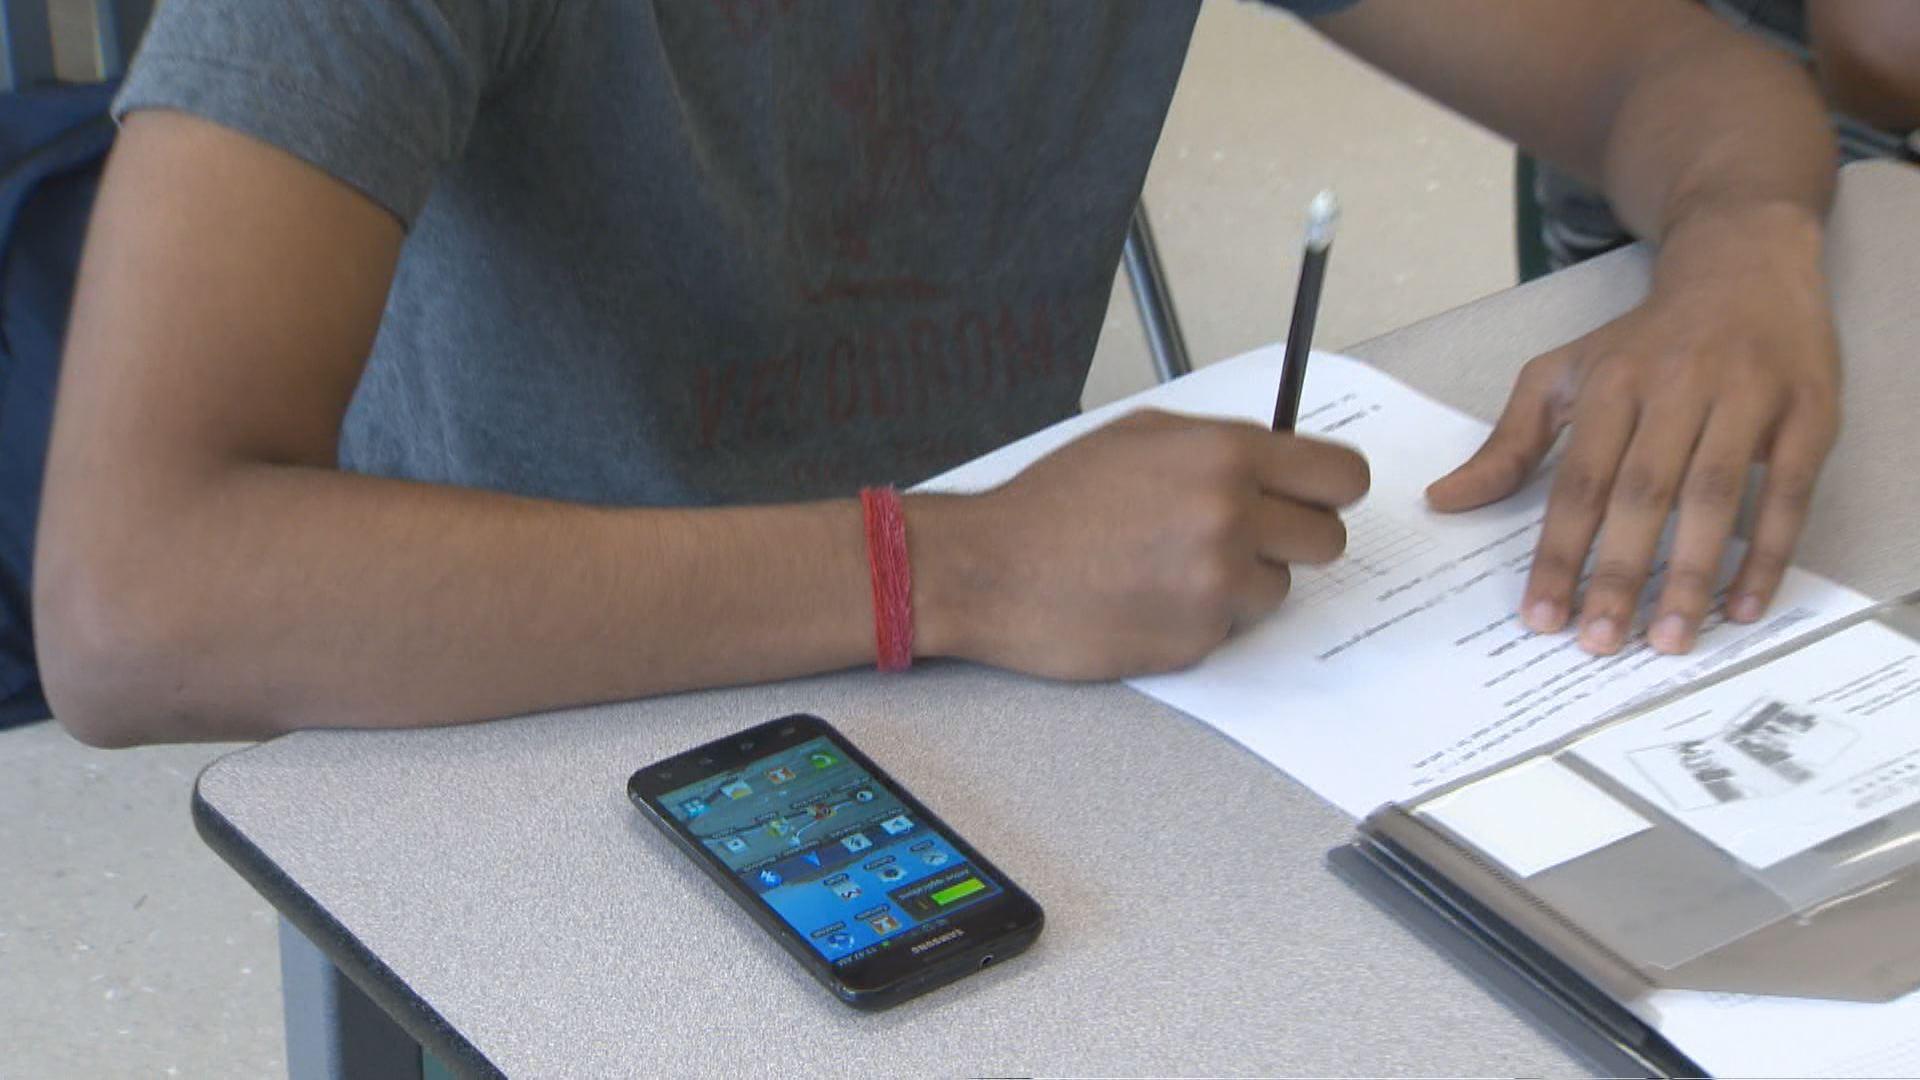 Ontario to ban cellphones in classrooms